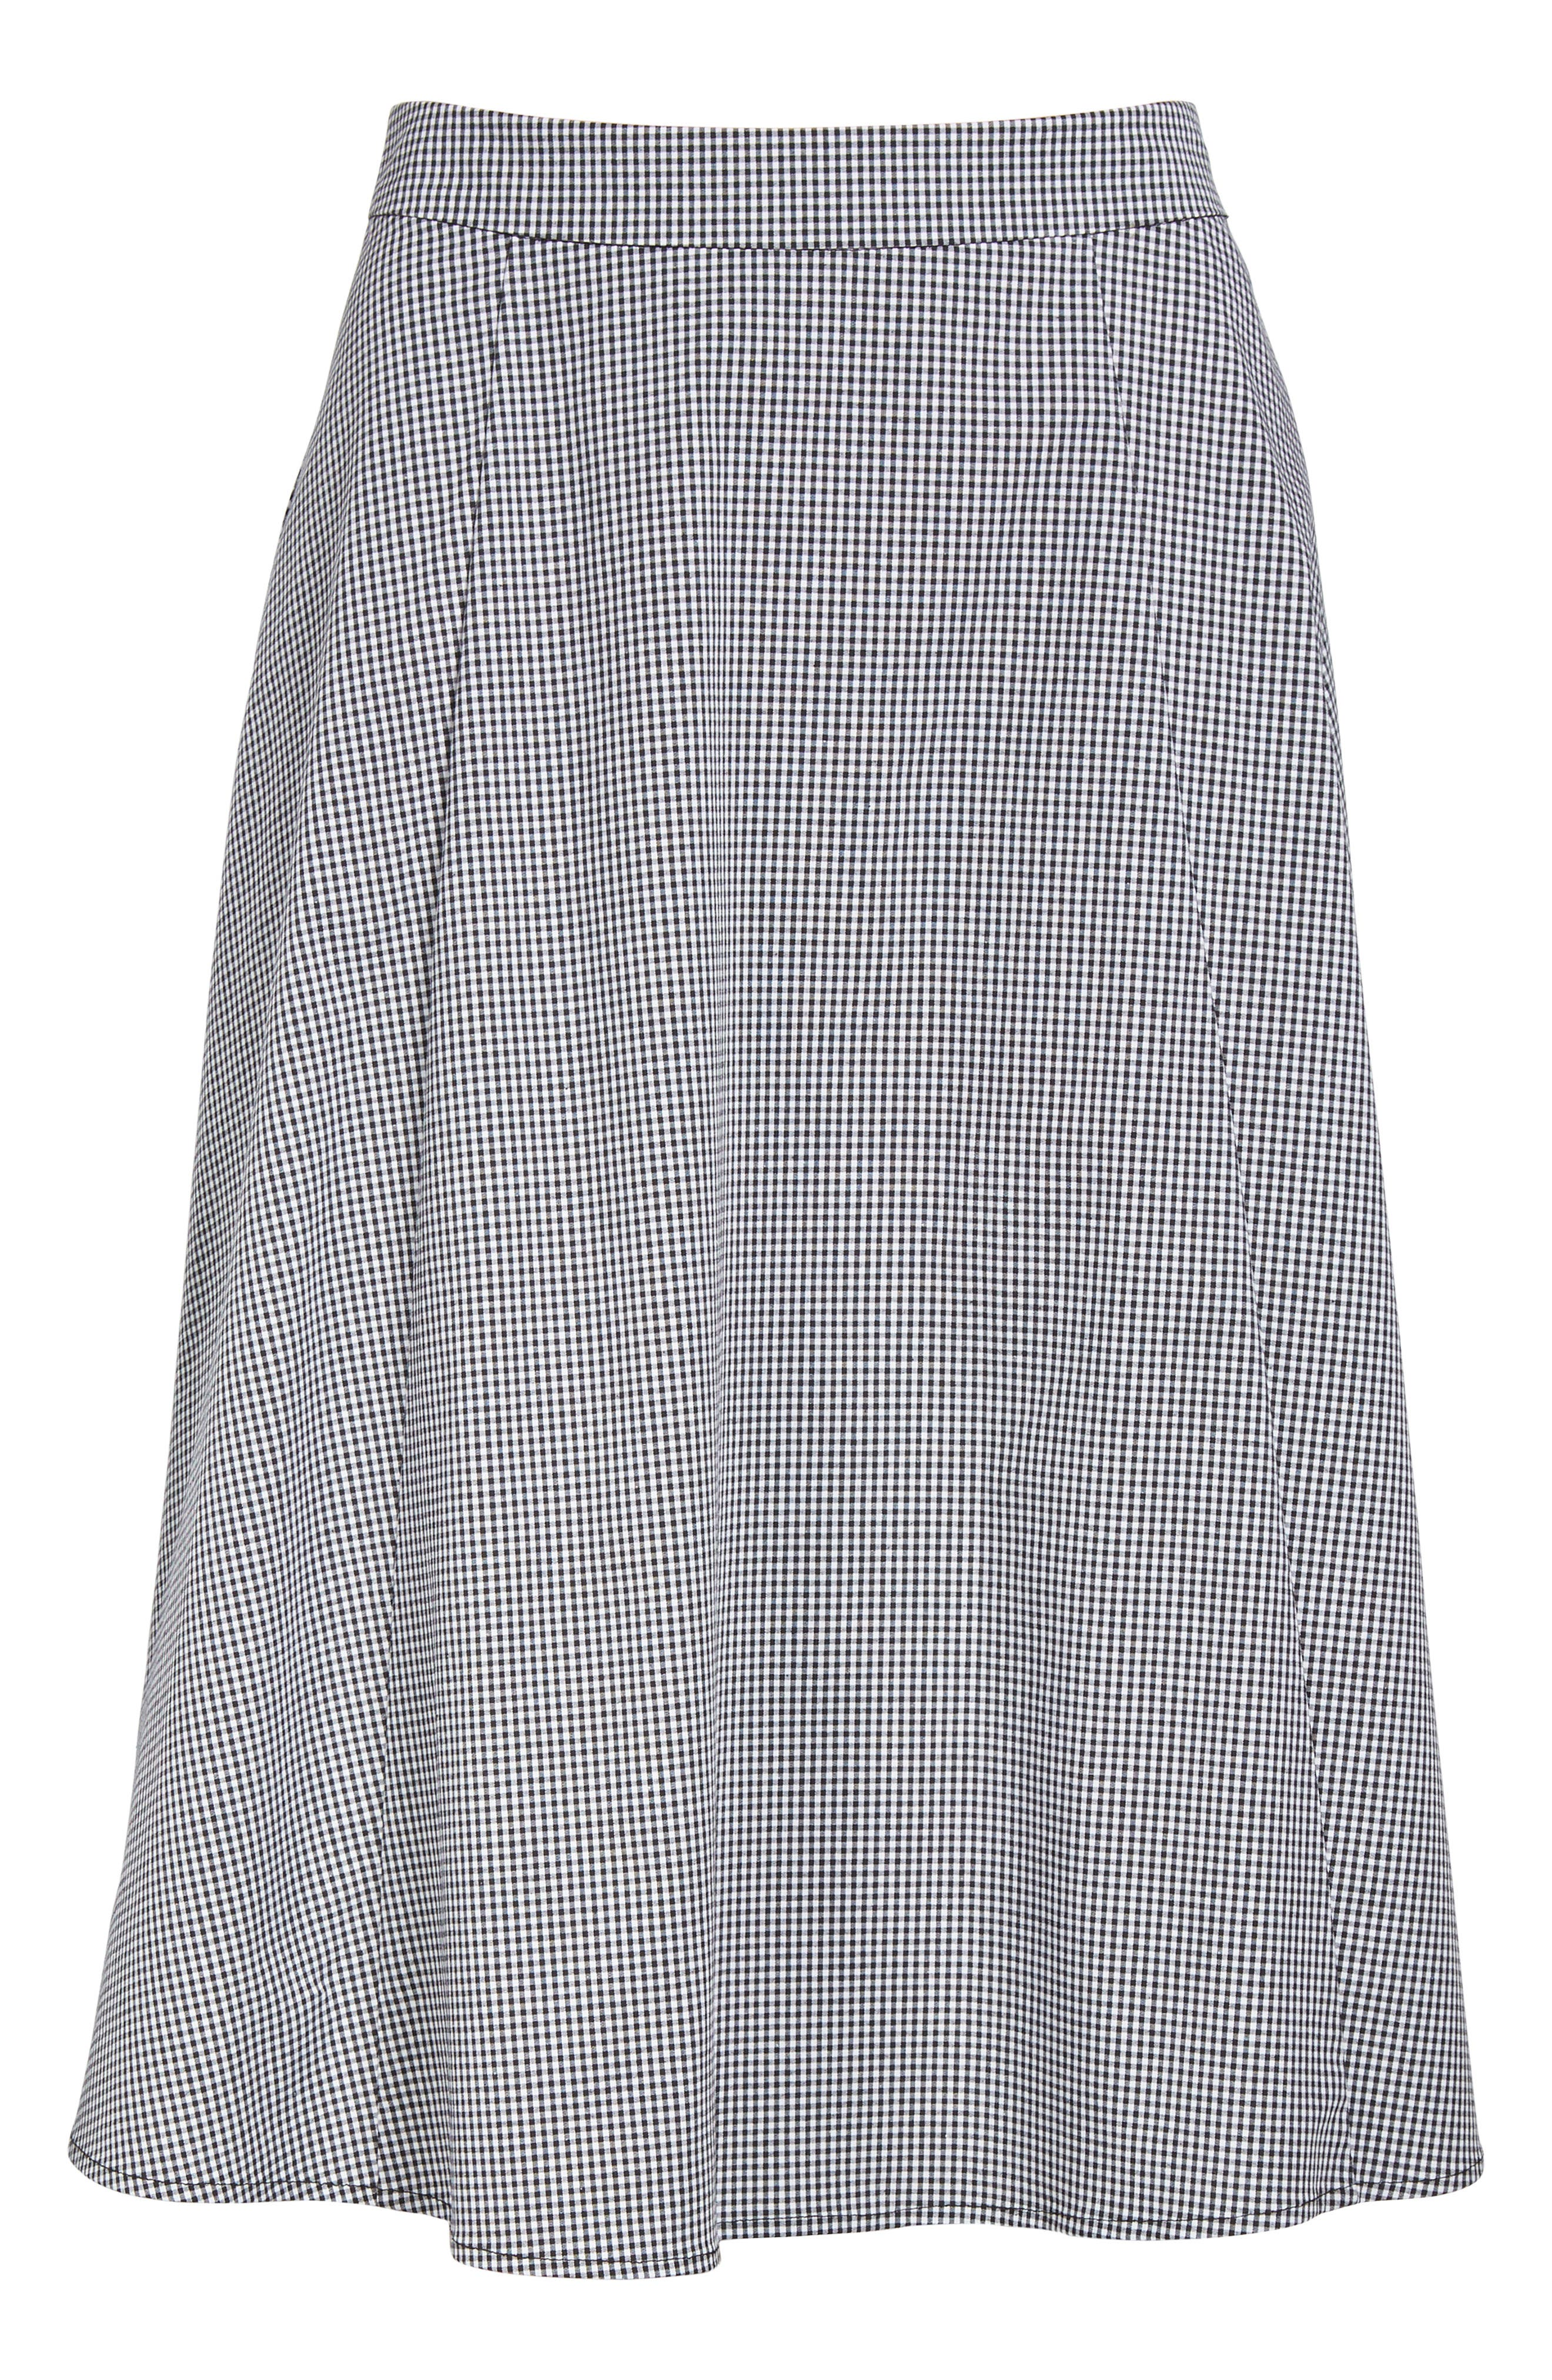 Gingham A-Line Skirt,                             Alternate thumbnail 6, color,